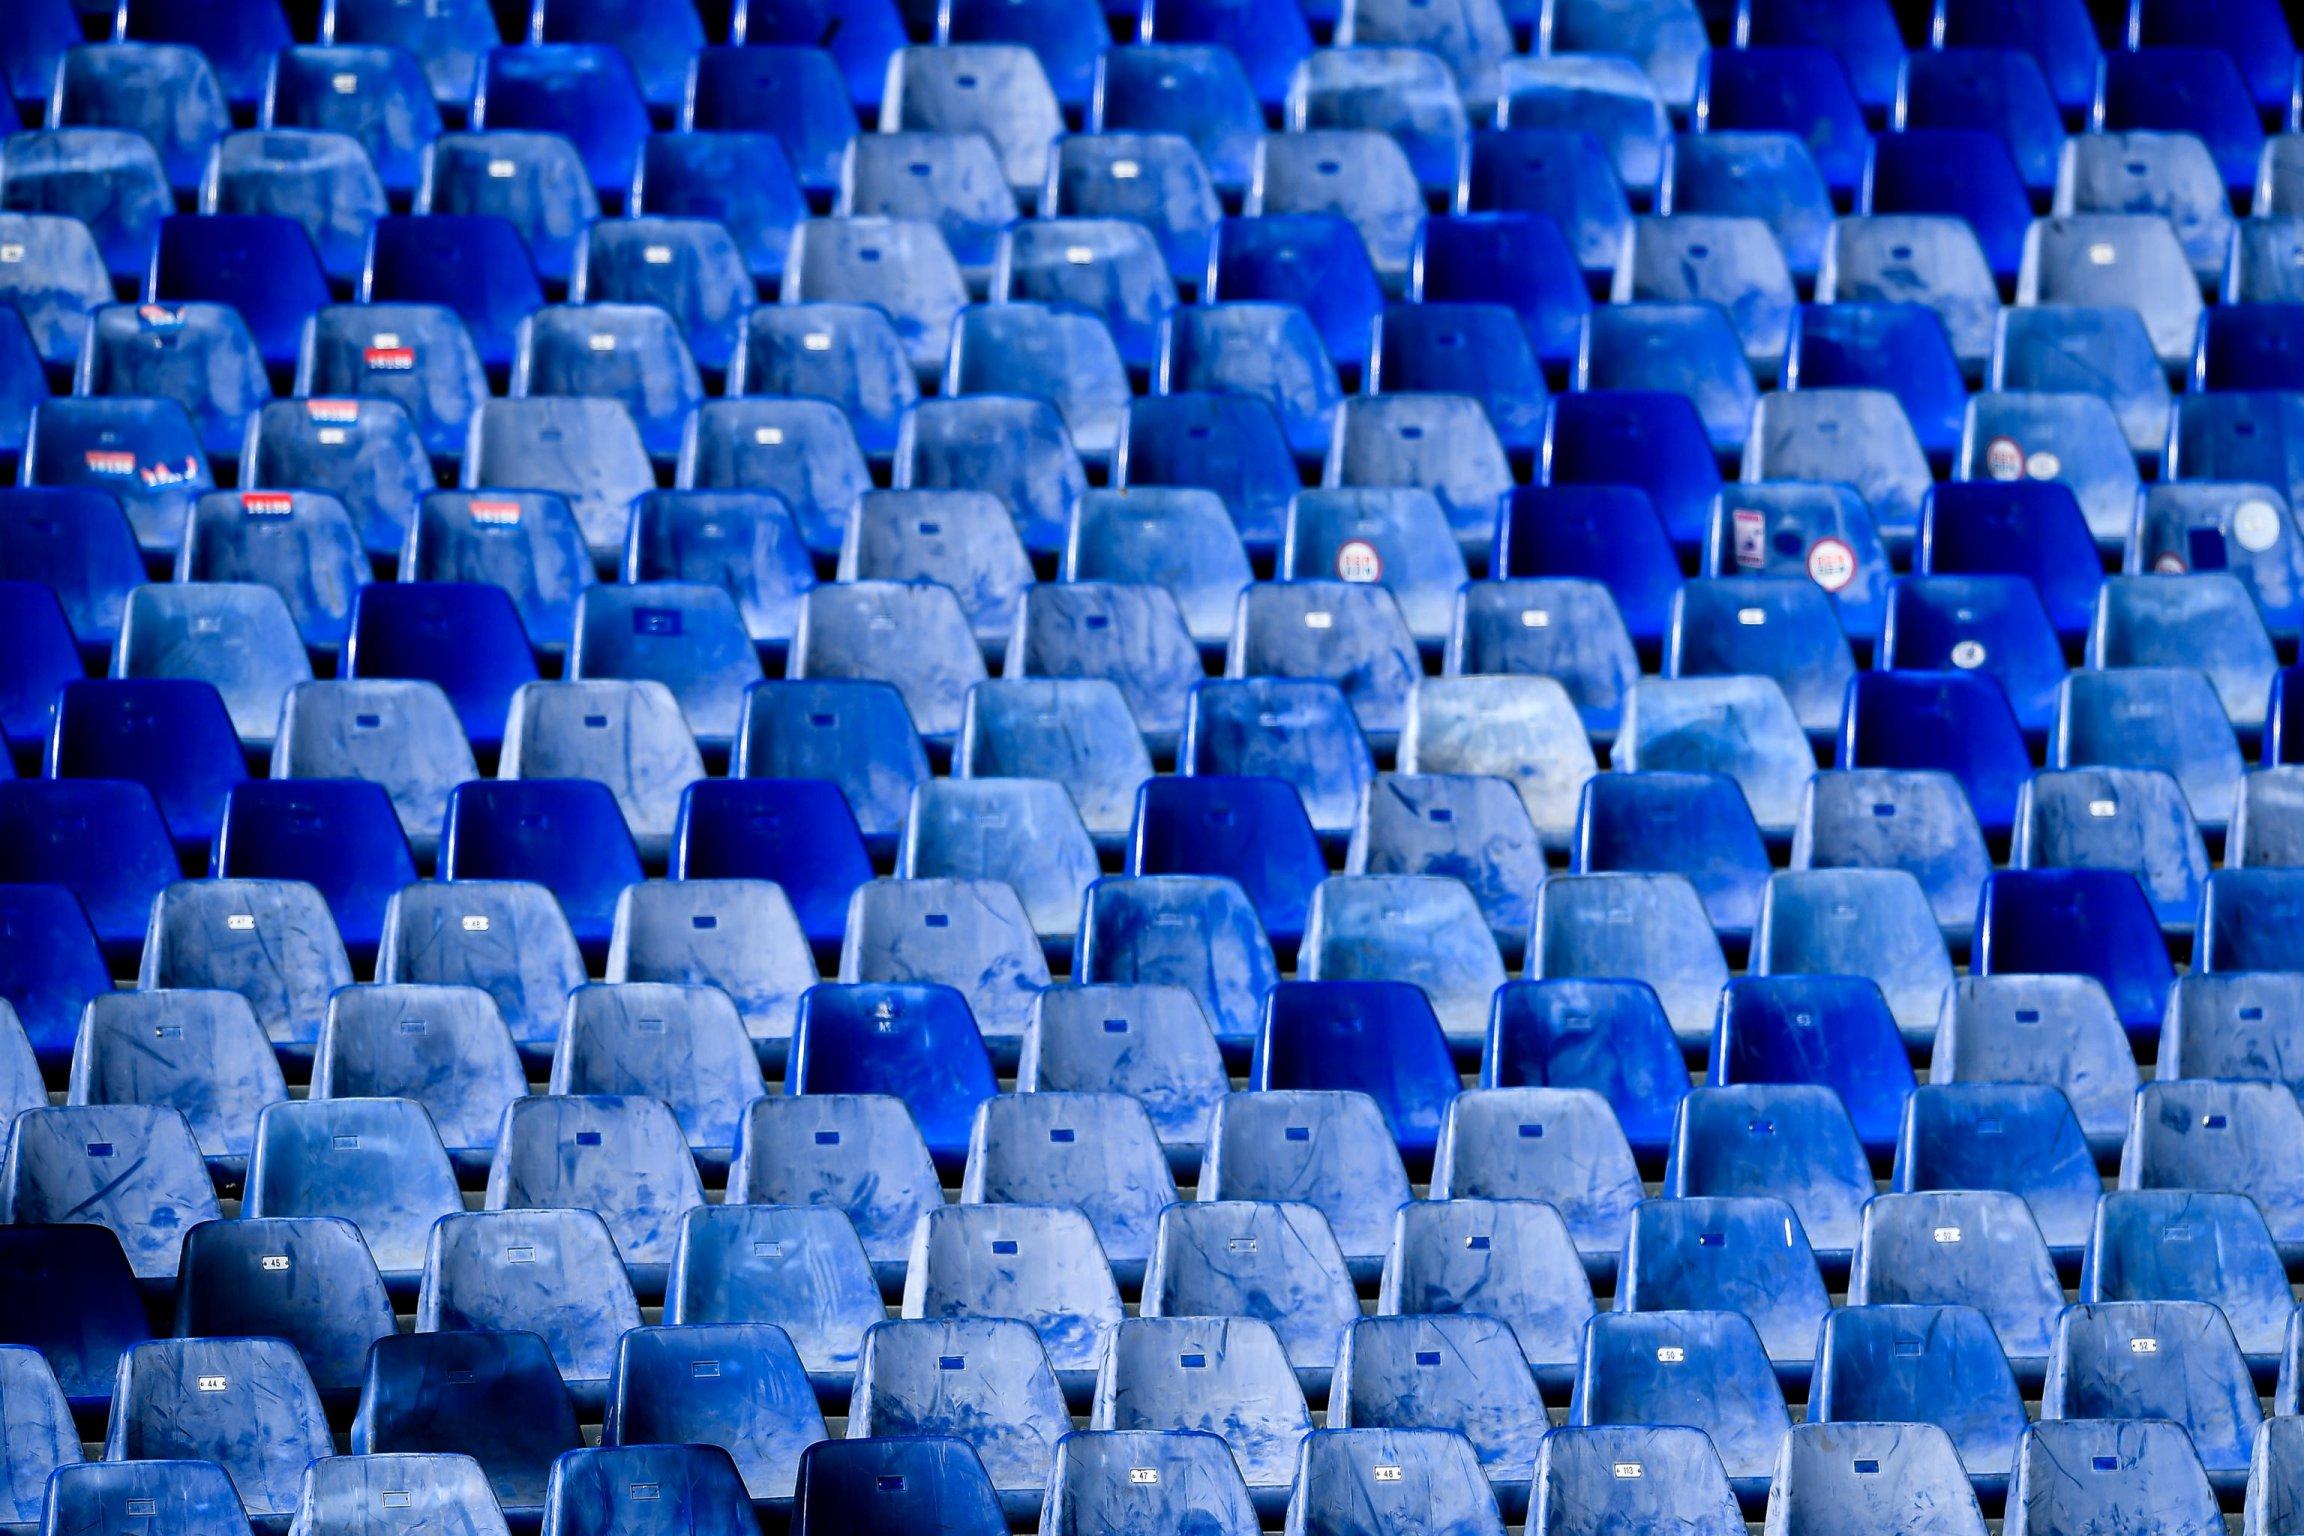 Spadafora attacca Sky. La replica: «Piena disponibilità alle gare Serie A free».